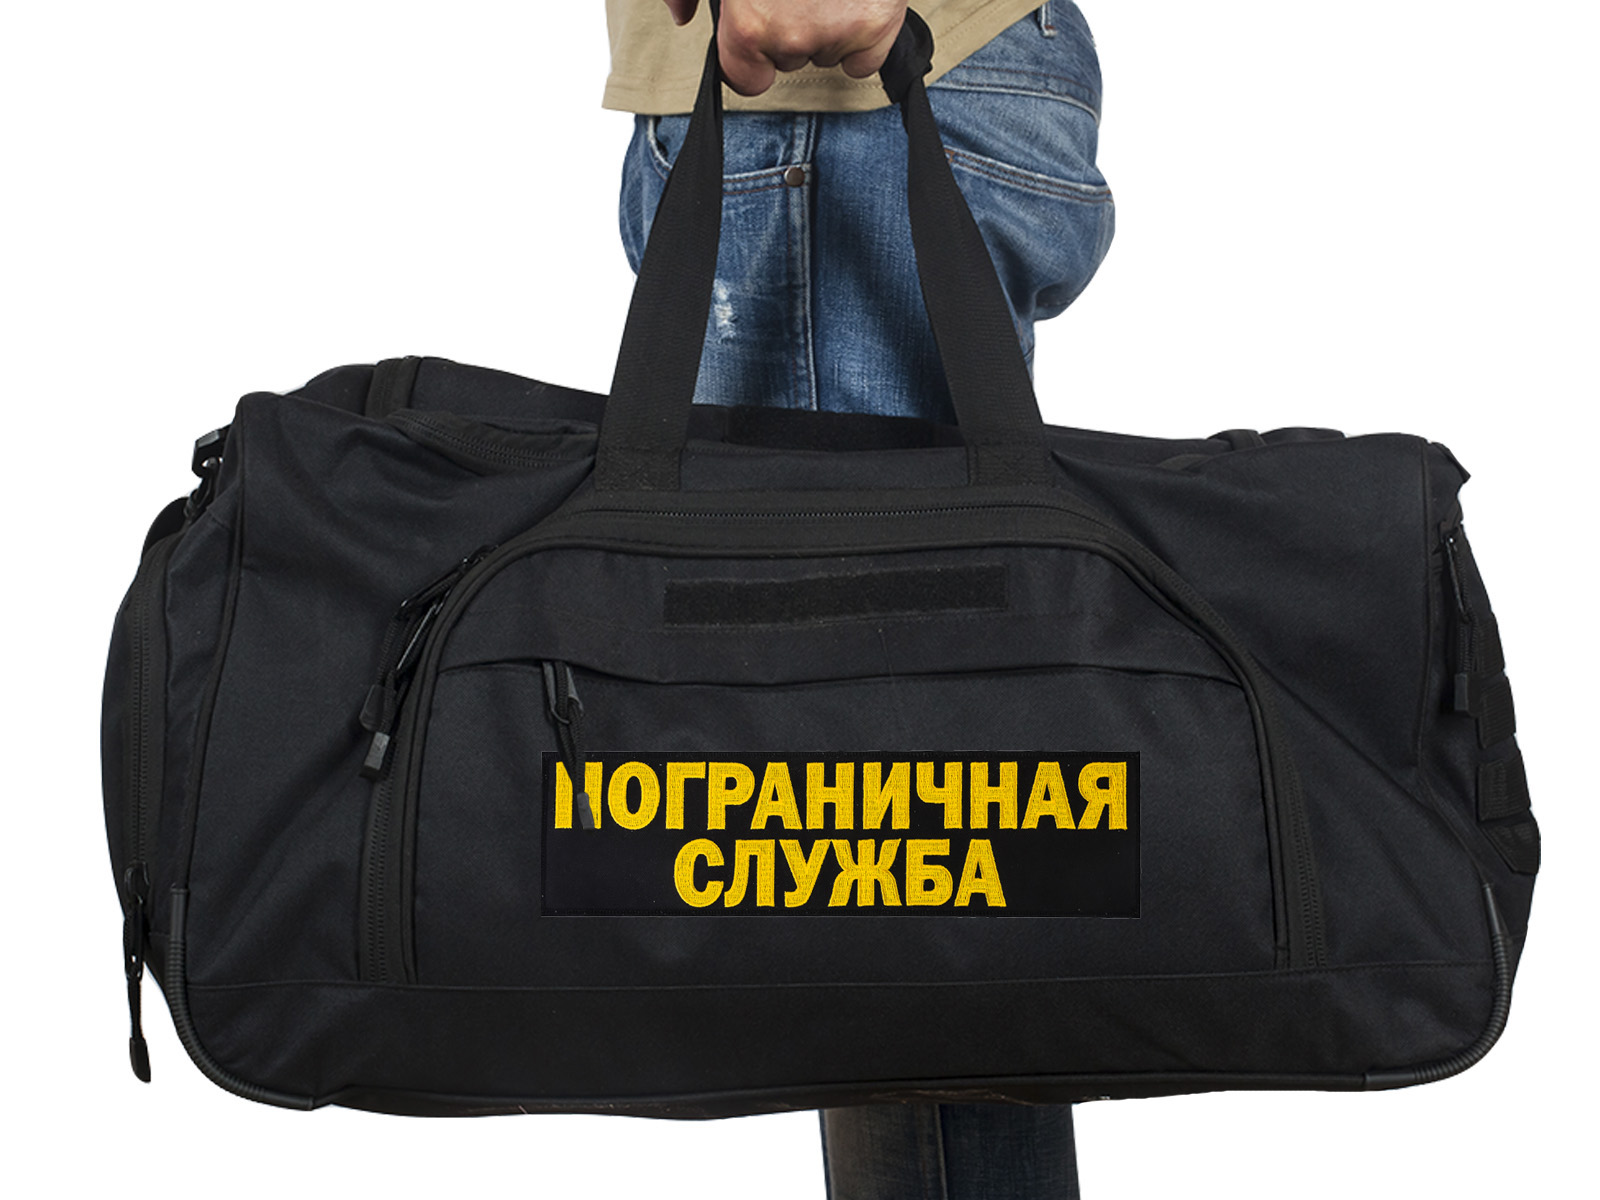 Купить большую дорожную сумку 08032B Black ПС по лучшей цене